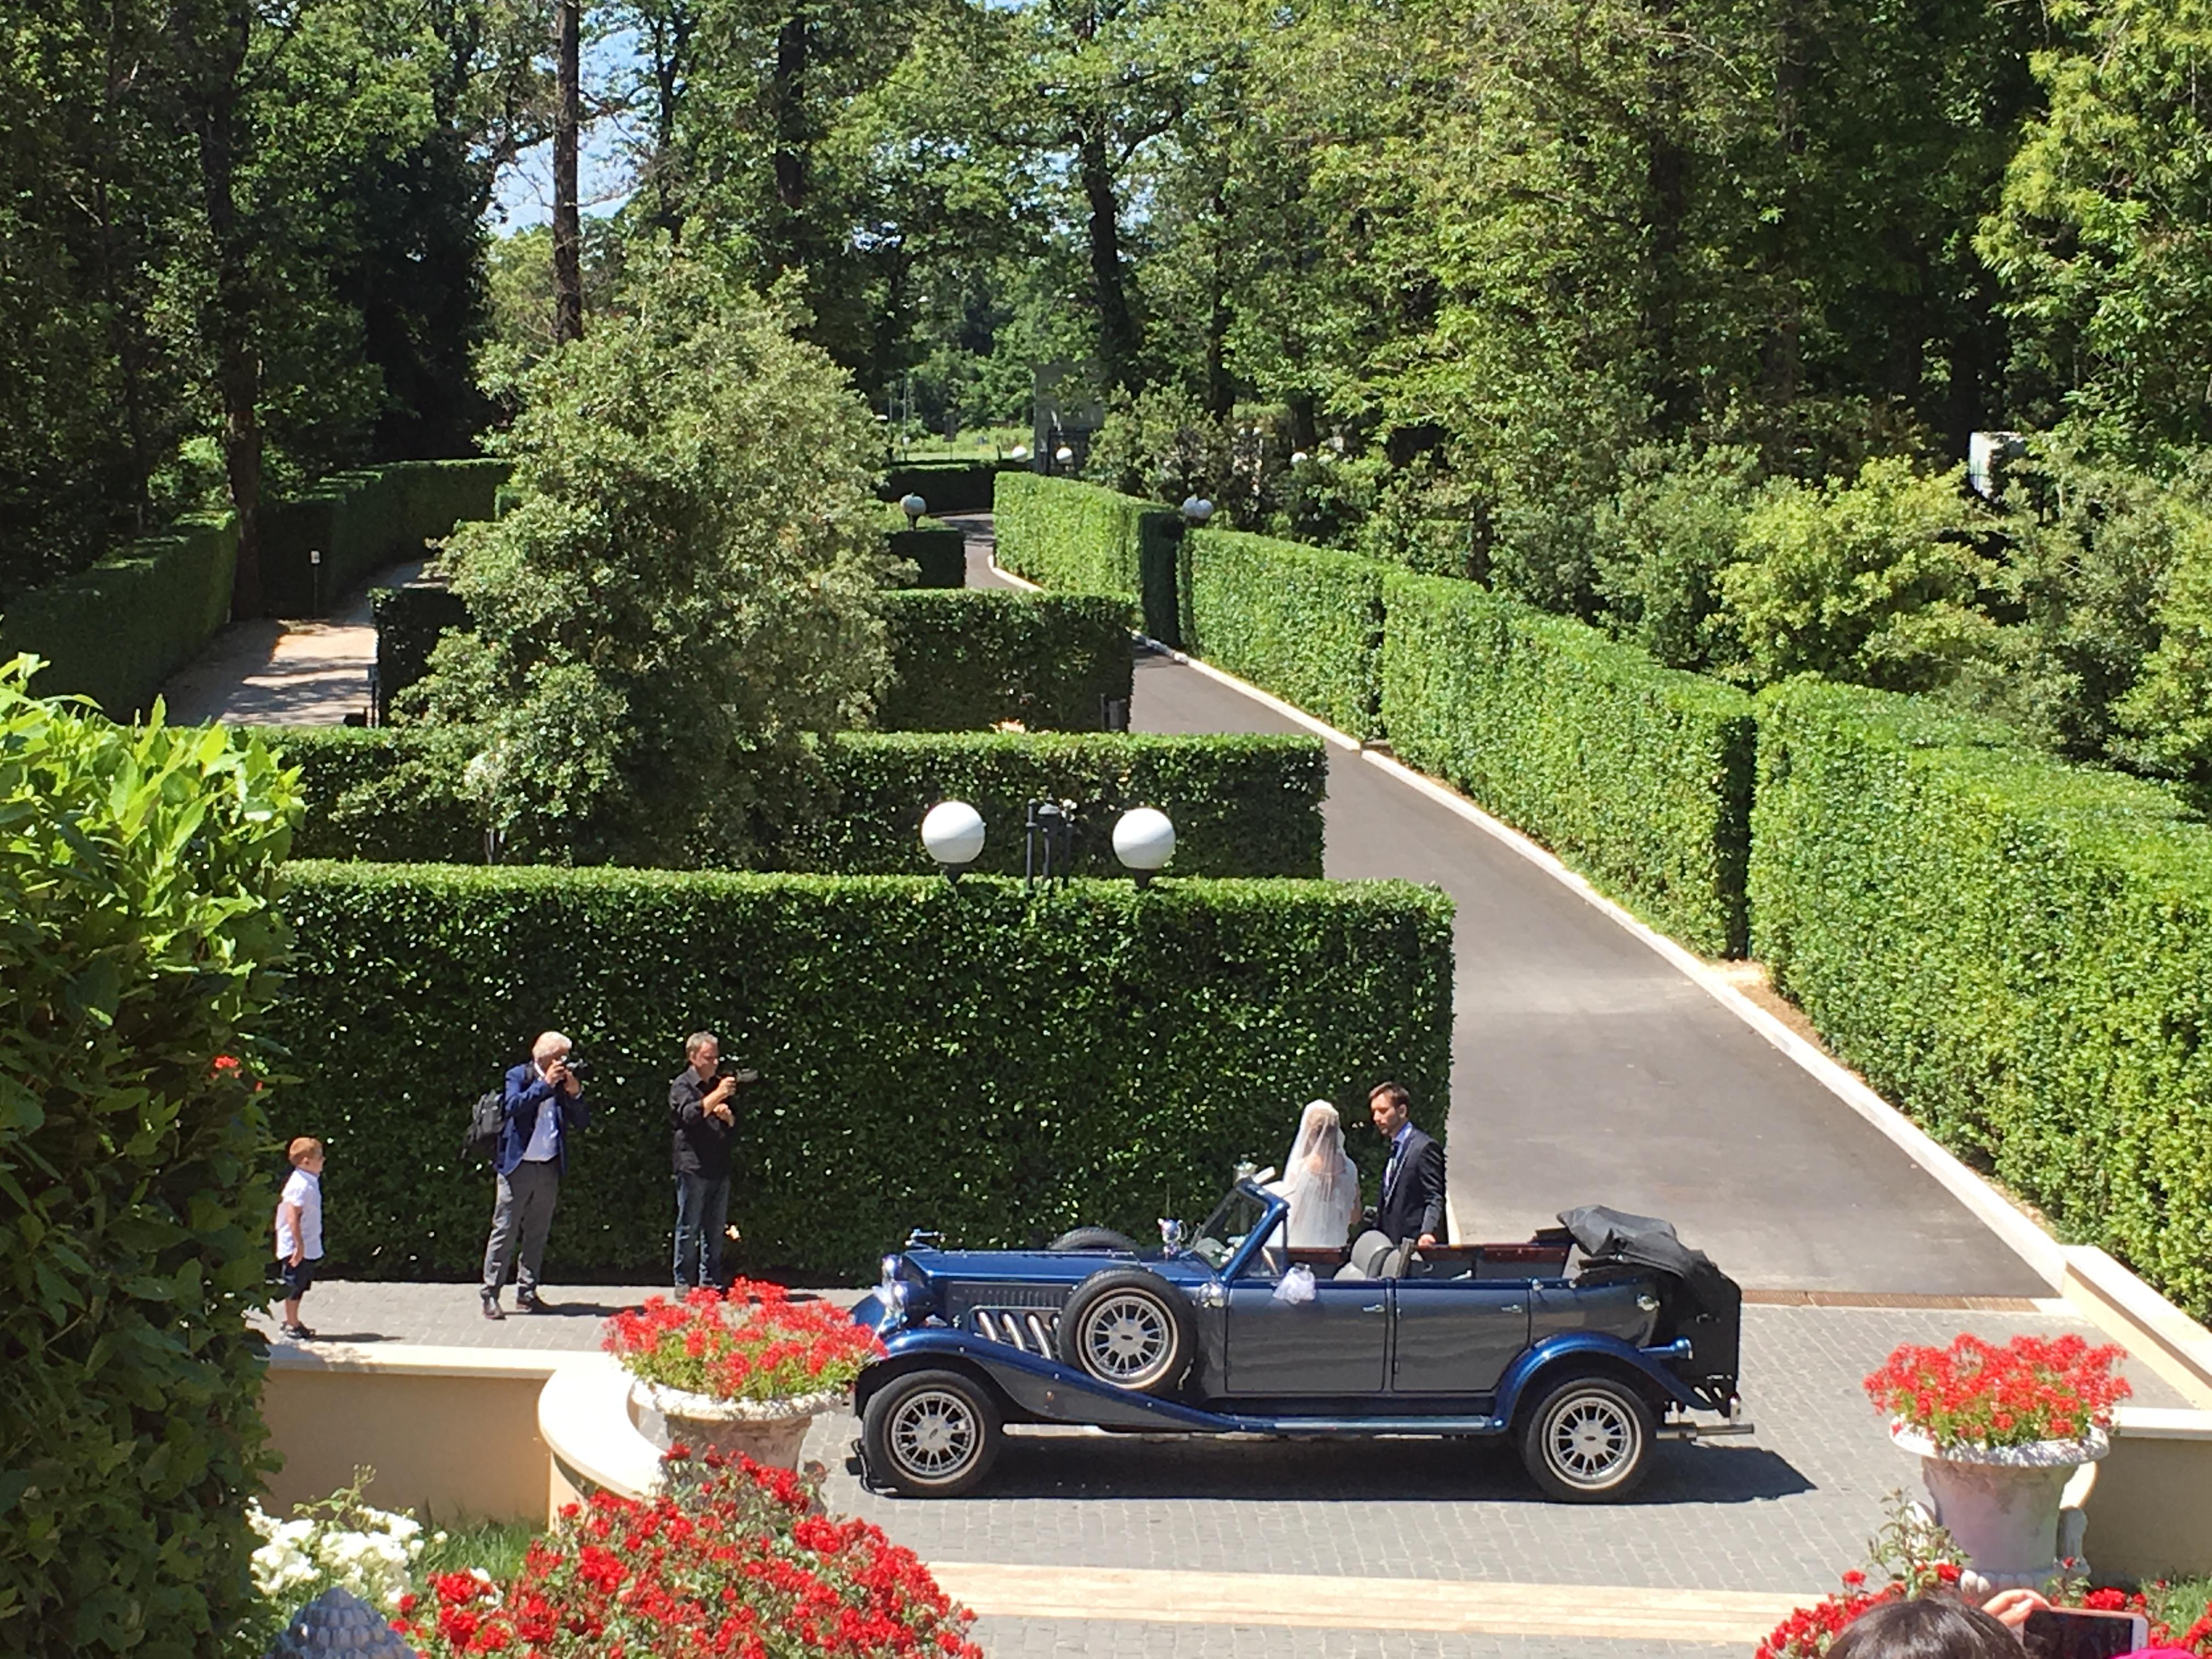 Фото 13 свадьба в Италии на вилле | Кристина и Кристиан | ведущая на итальянском языке - Катрин Моро